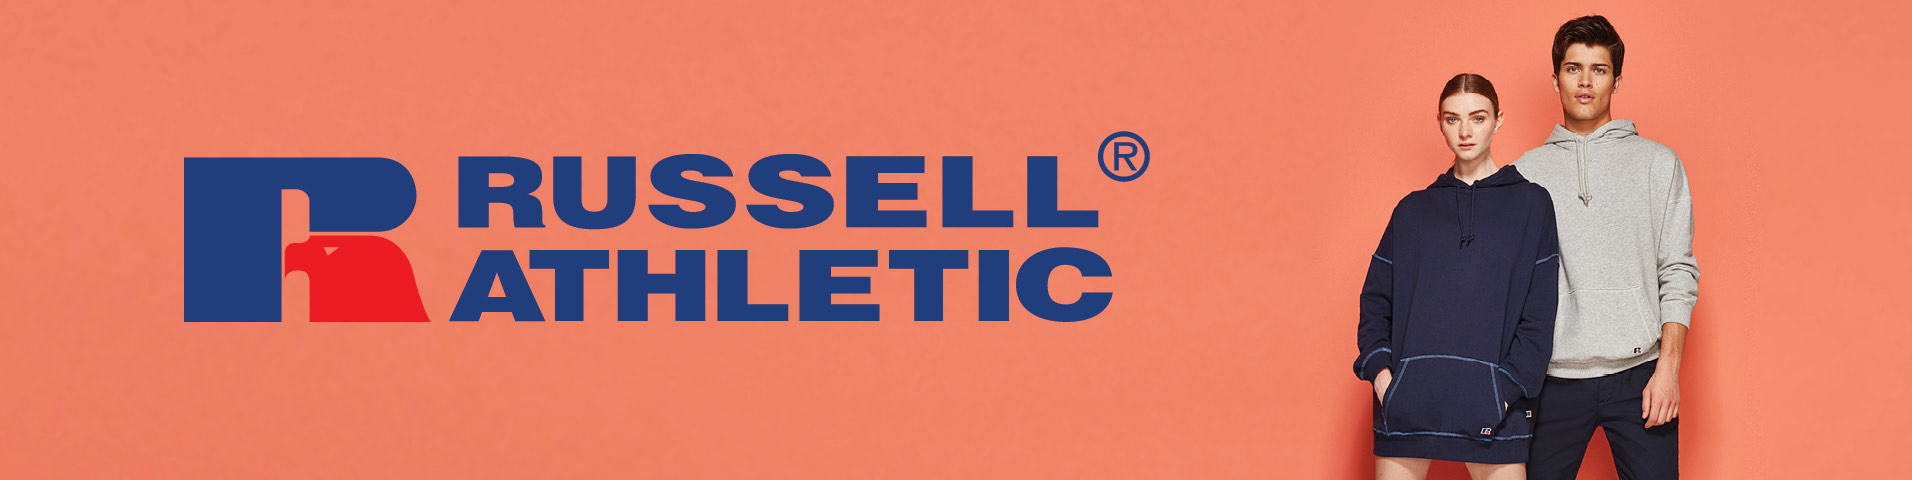 Russell Athletic Eagle R Kleding online kopen   Gratis